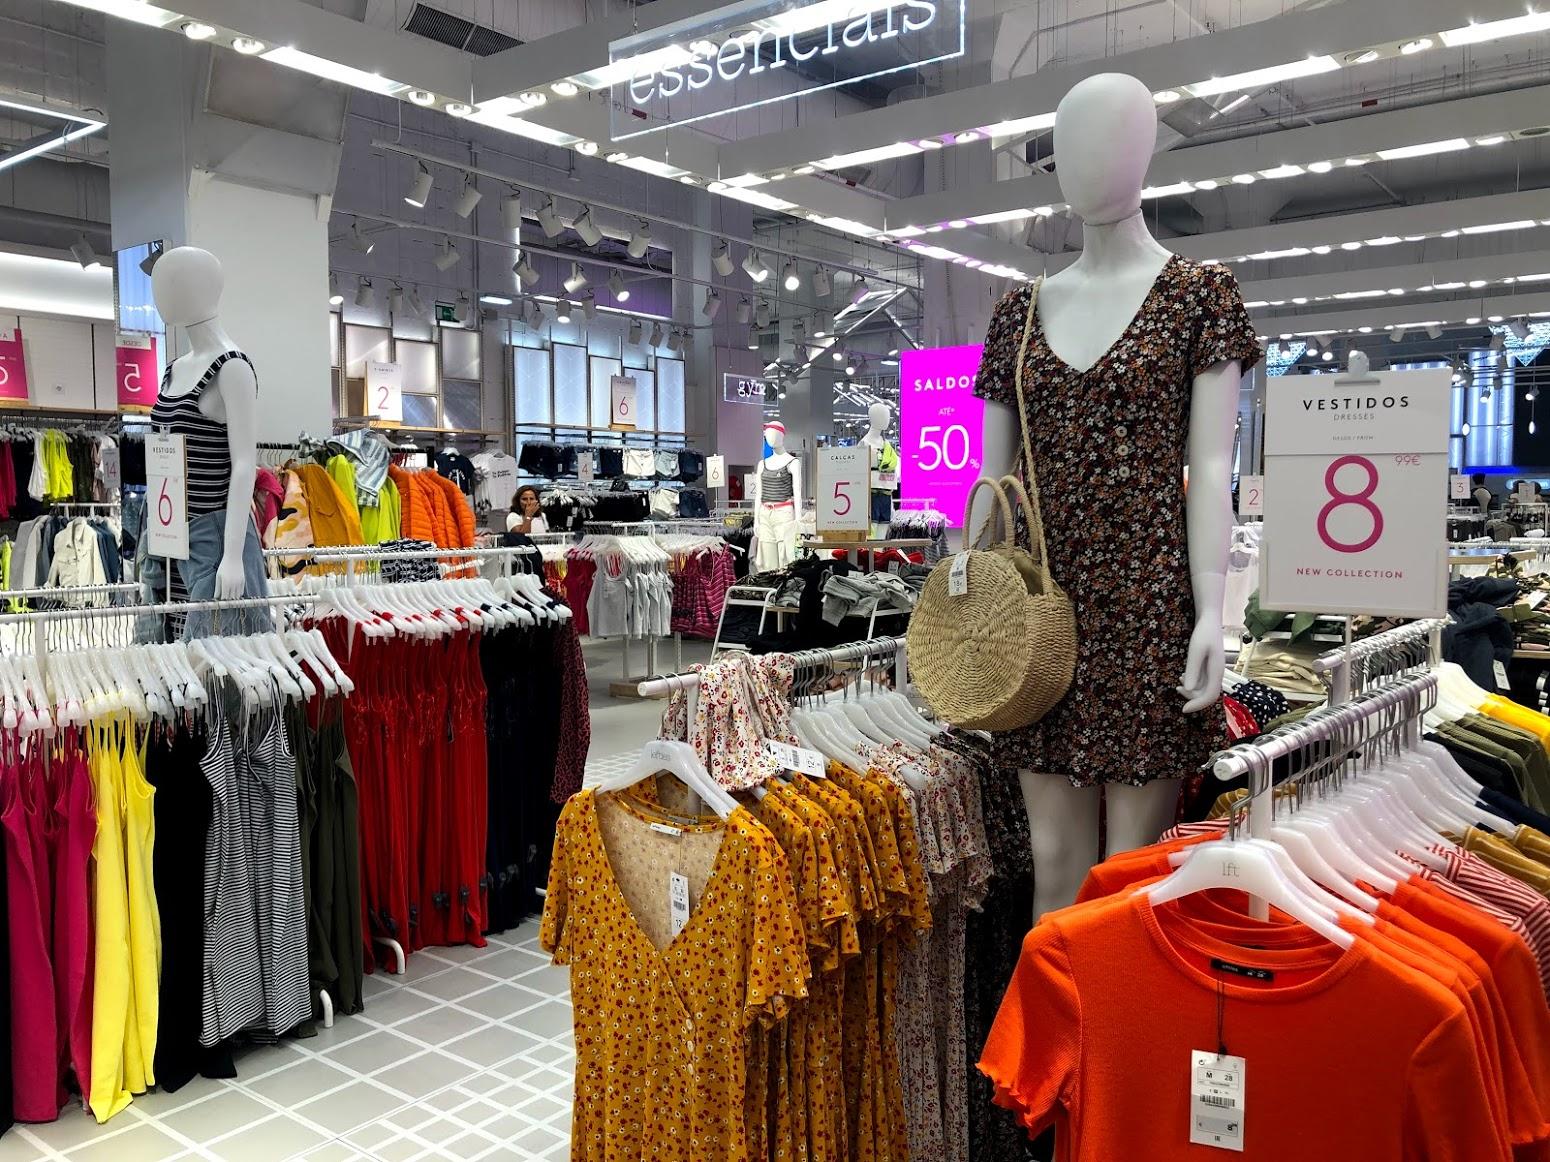 Compras em Portugal: Lefties, Outlet da Zara